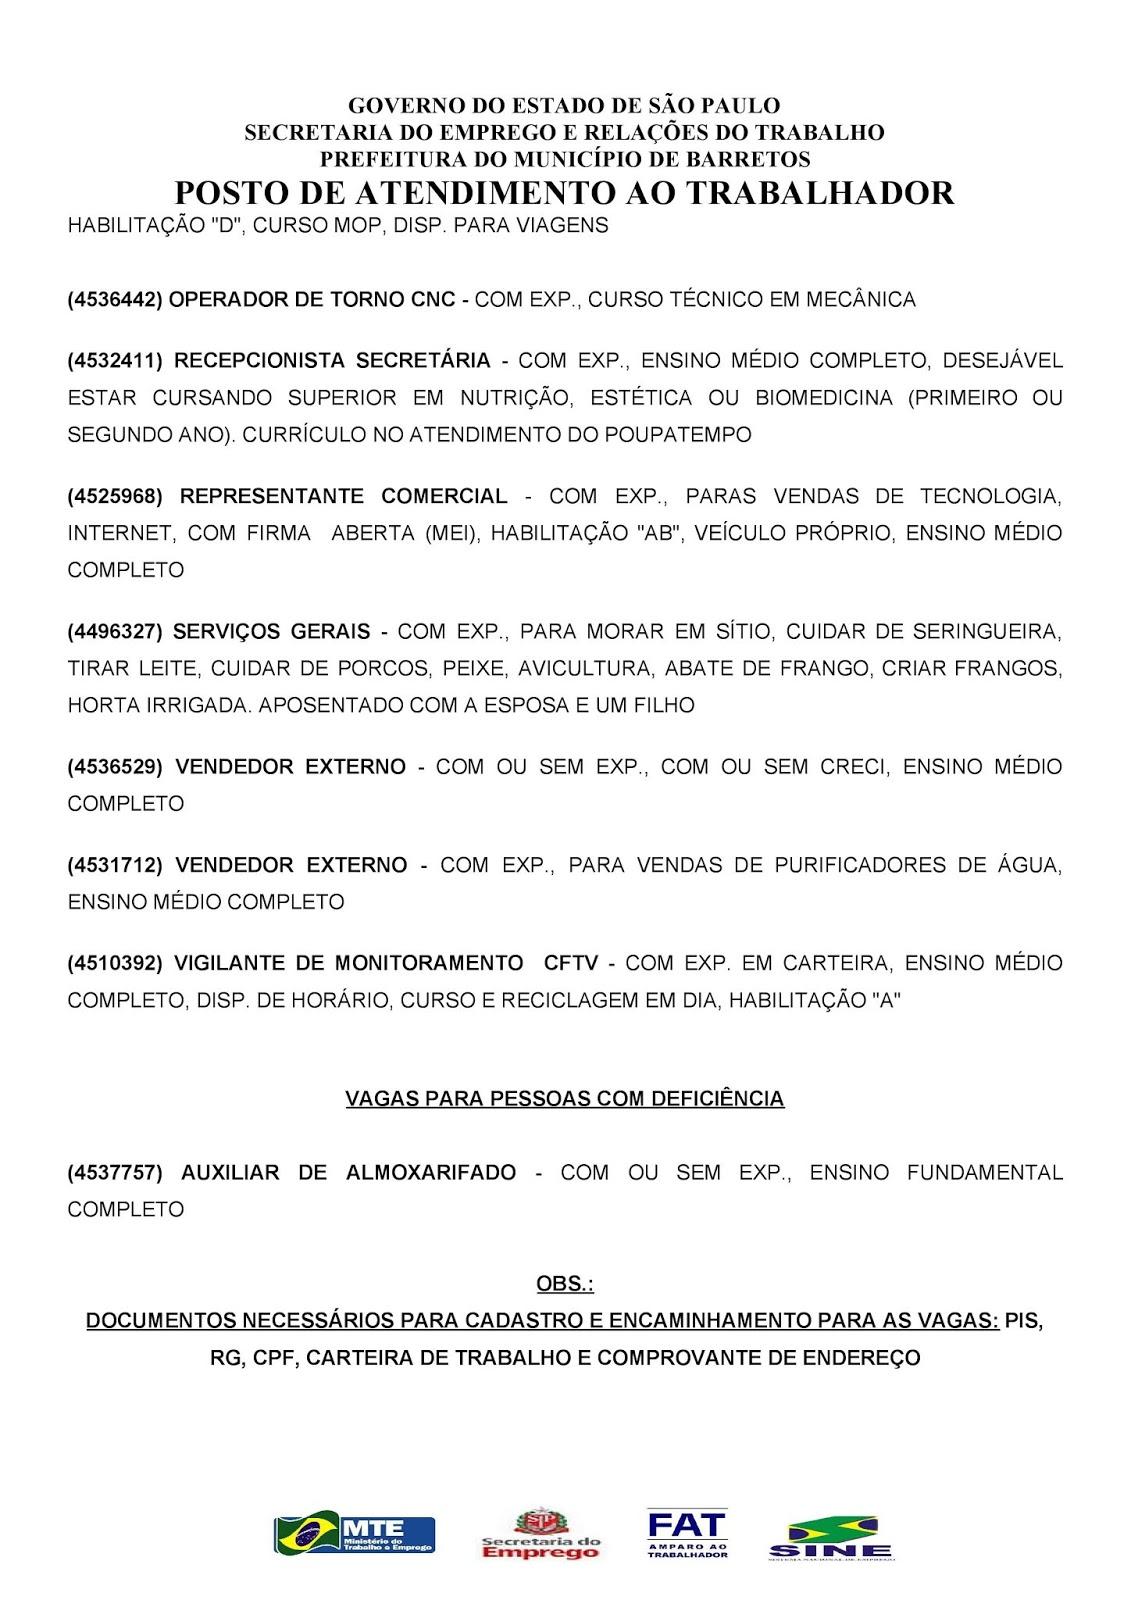 VAGAS DE EMPREGO DO PAT BARRETOS-SP PARA 19/06/2018 TERÇA-FEIRA - PARTE 2